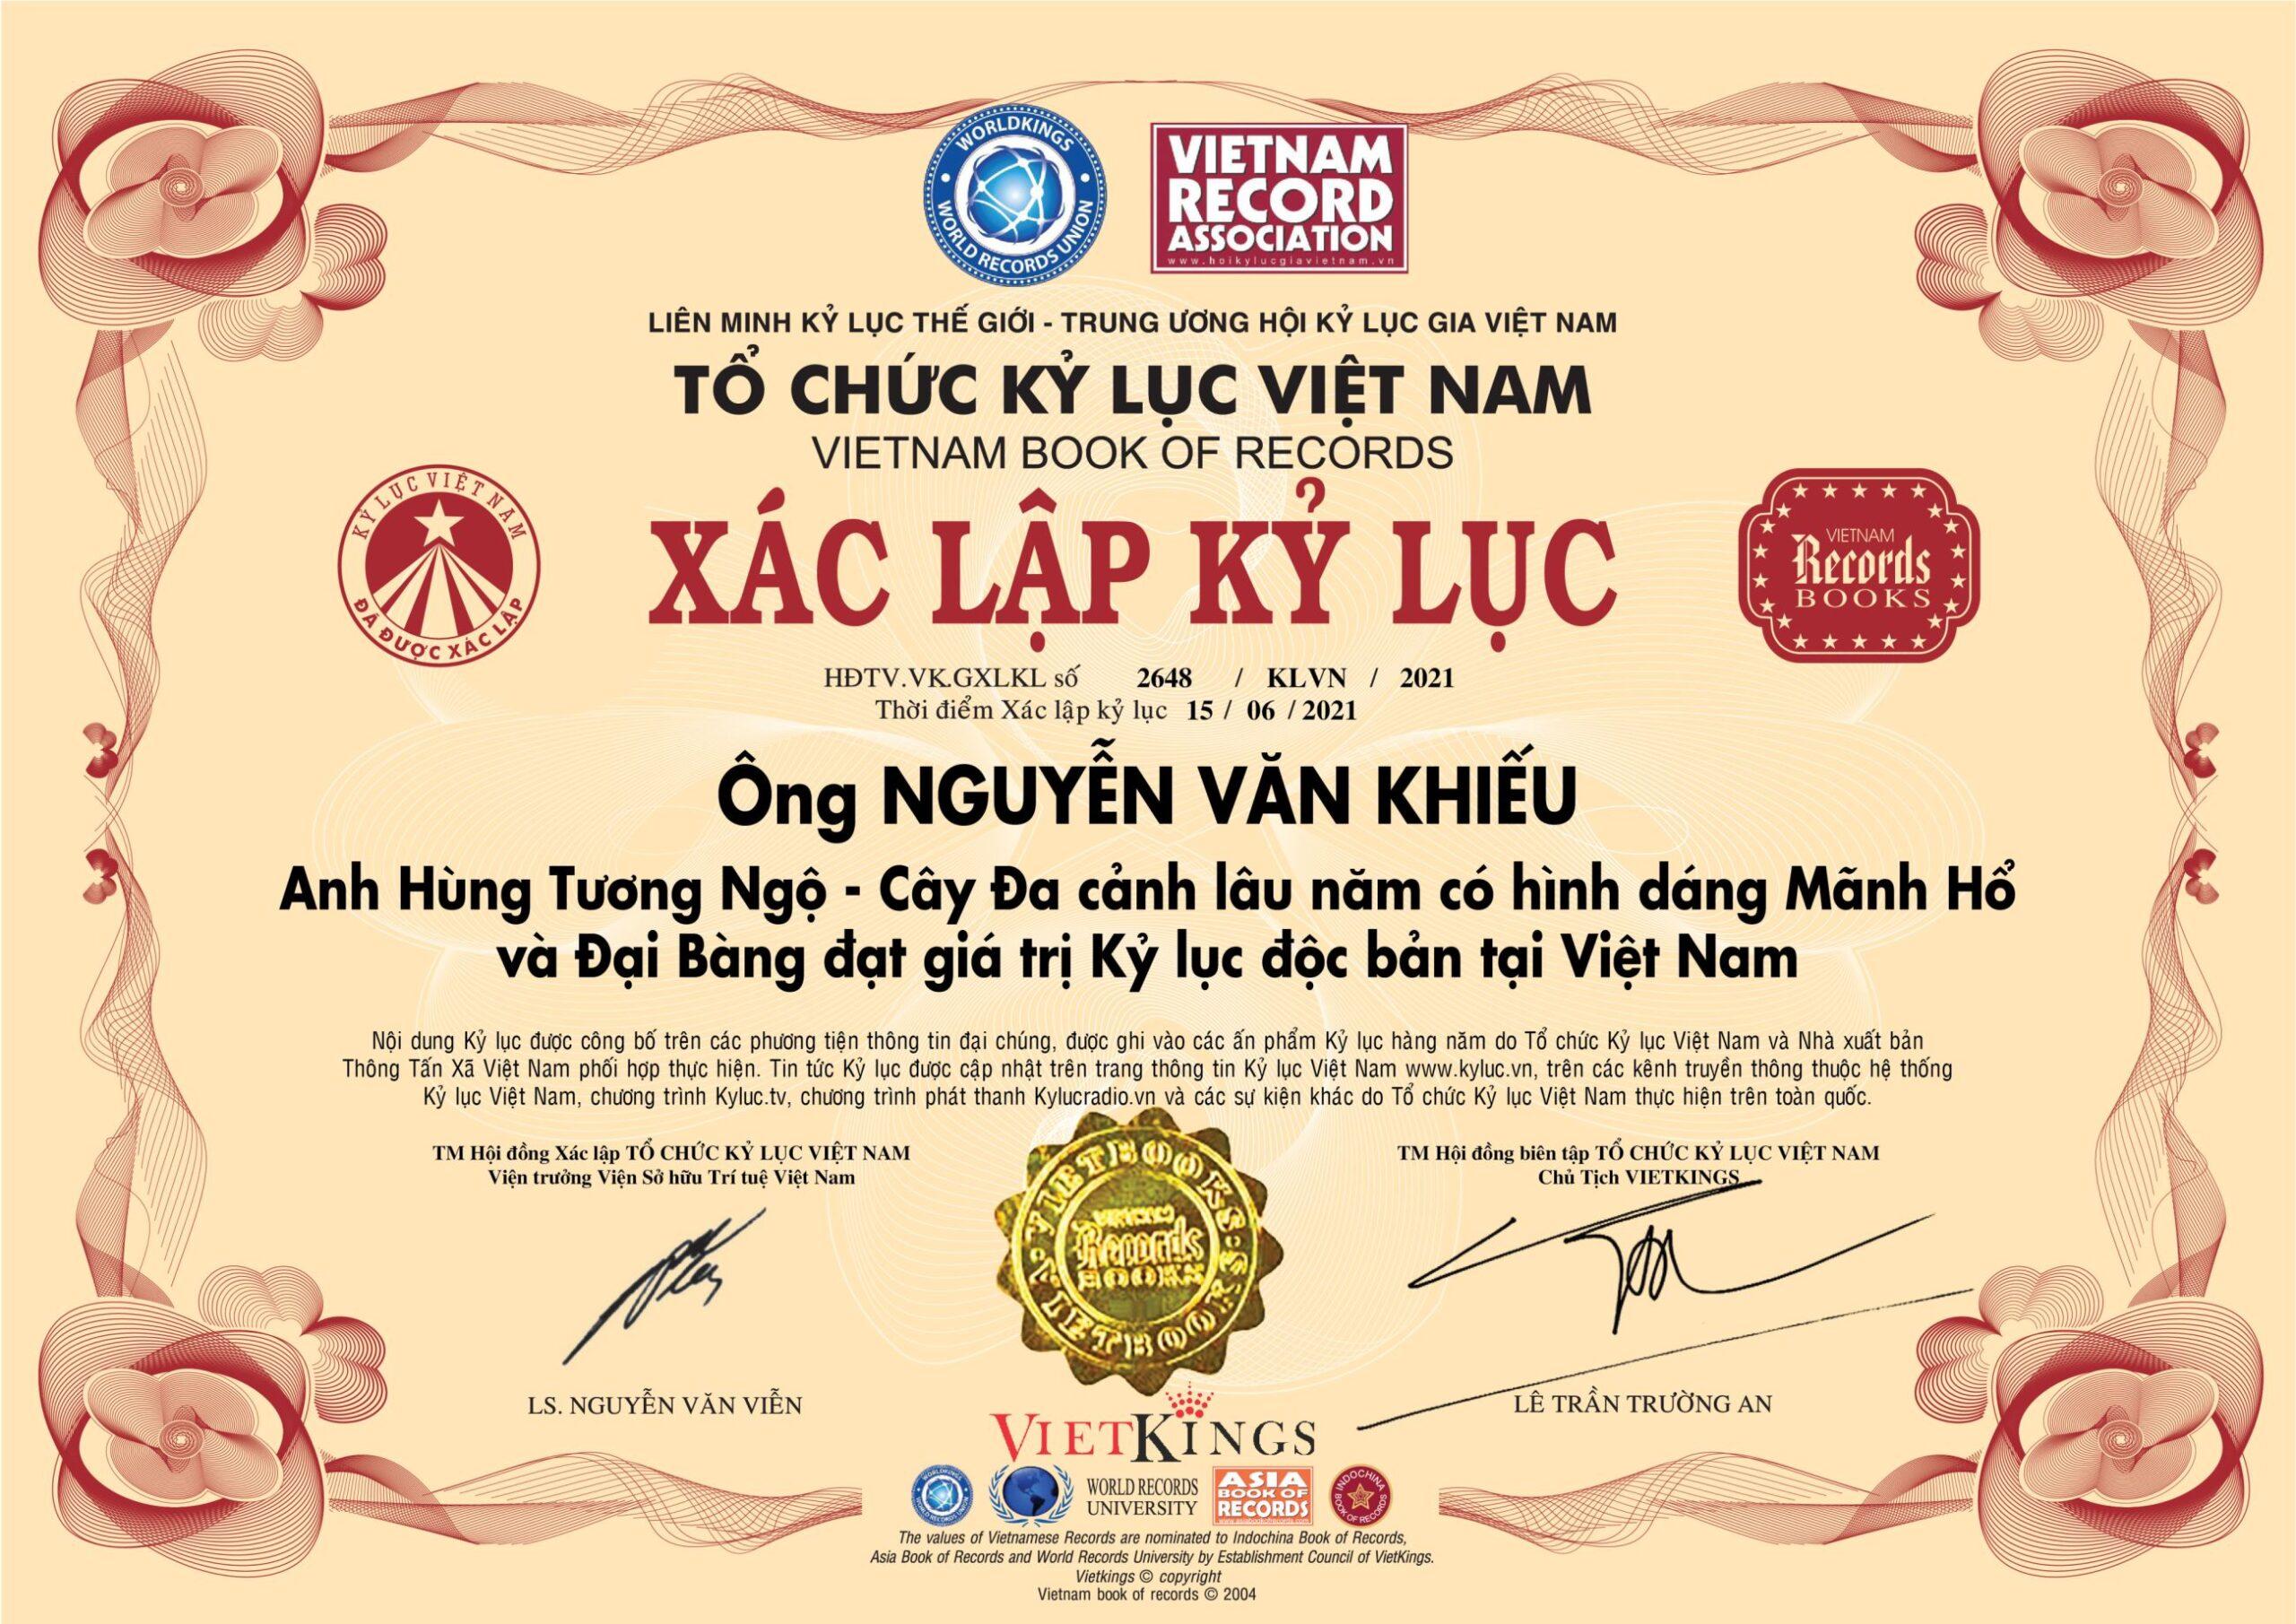 Cây Đa cảnh lâu năm có hình dáng Mãnh Hổ và Đại Bàng của ông Nguyễn Văn Khiếu chính thức xác lập Kỷ lục độc bản Việt Nam kể từ ngày 15/06/2021.